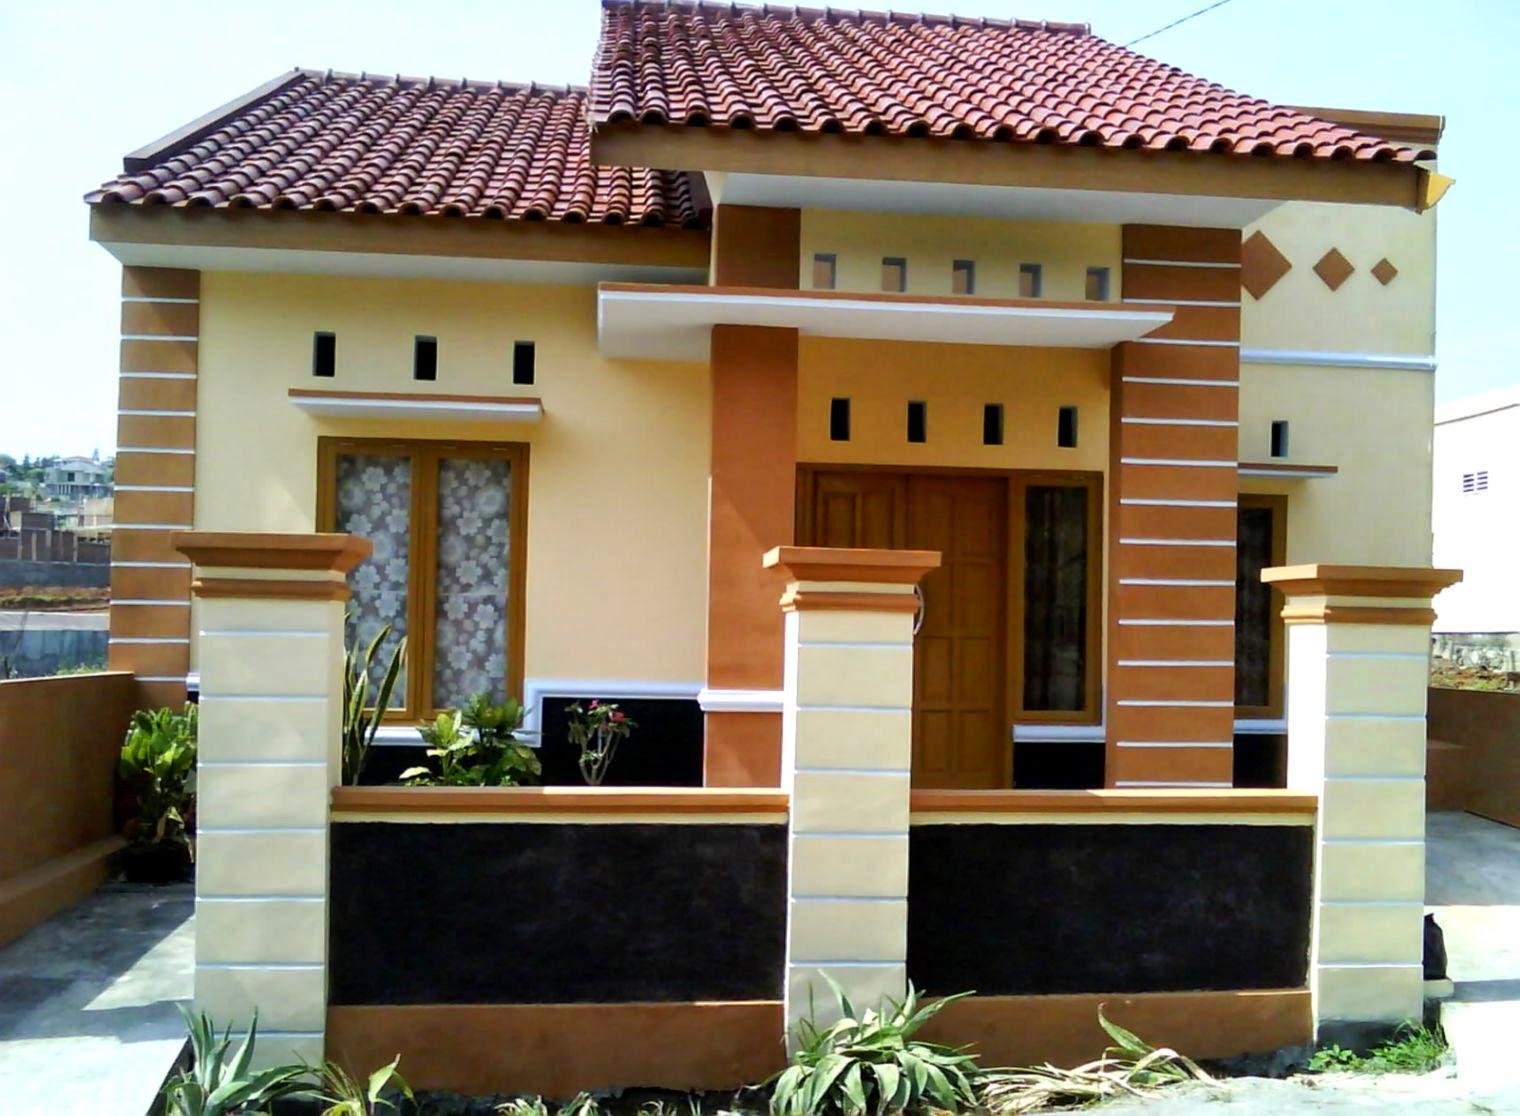 103 Aneka Gambar Rumah Minimalis Sederhana | Gambar Desain Rumah Minimalis